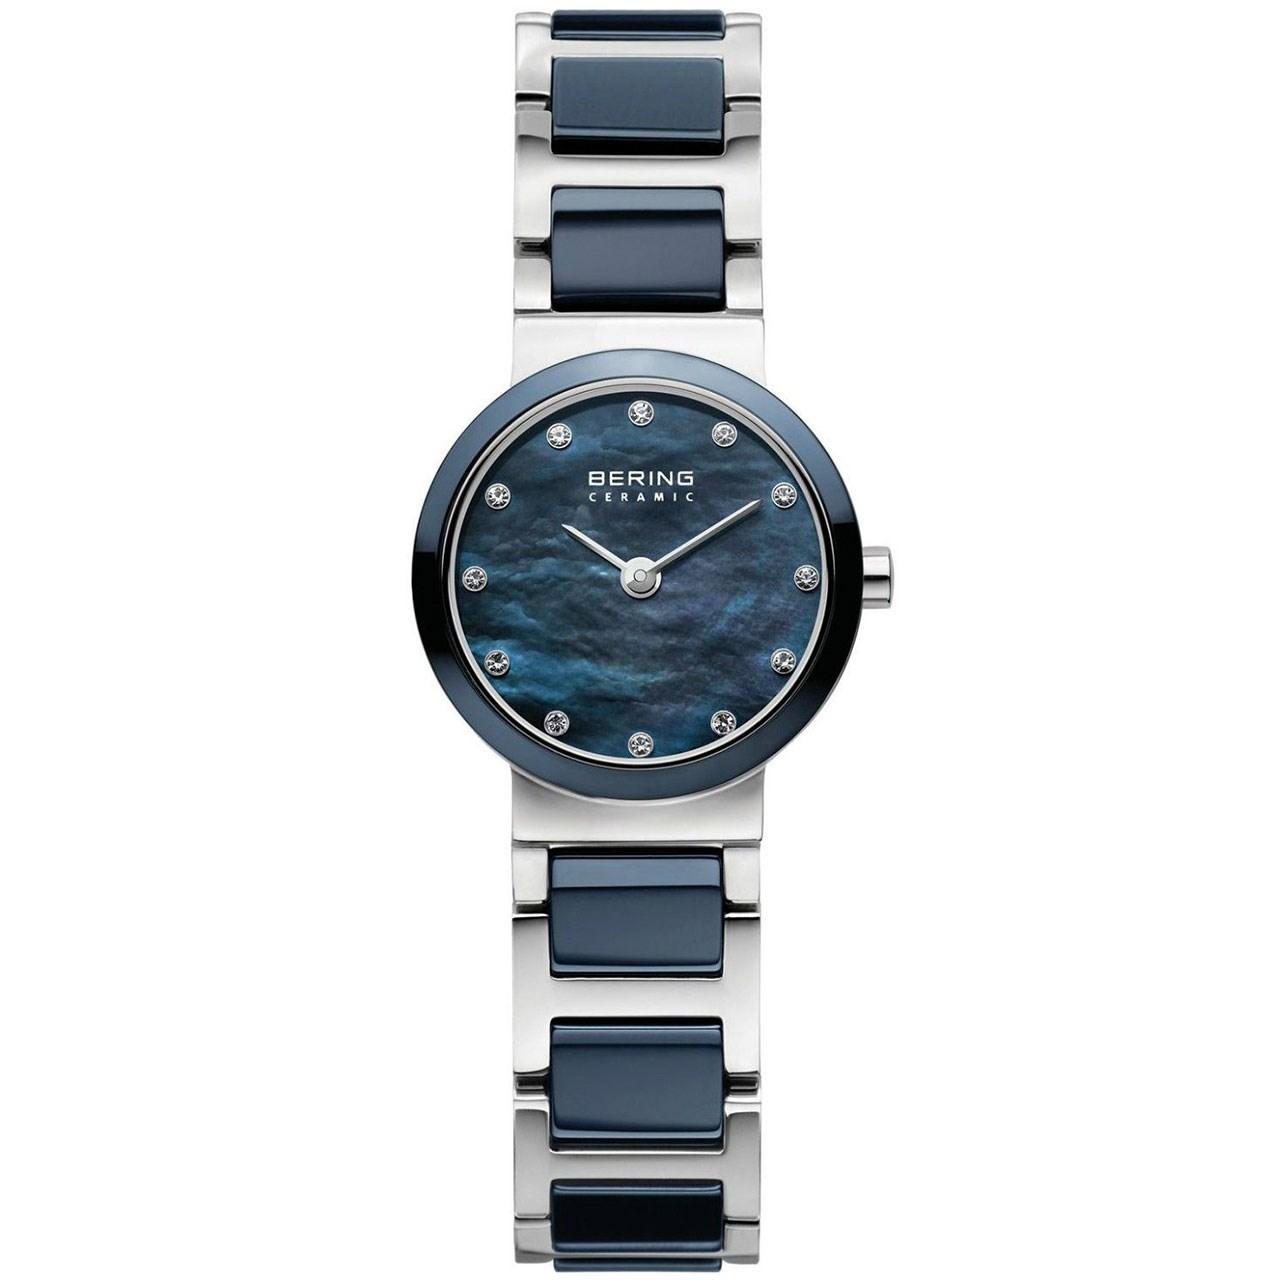 ساعت مچی عقربه ای زنانه برینگ مدل B10729-787